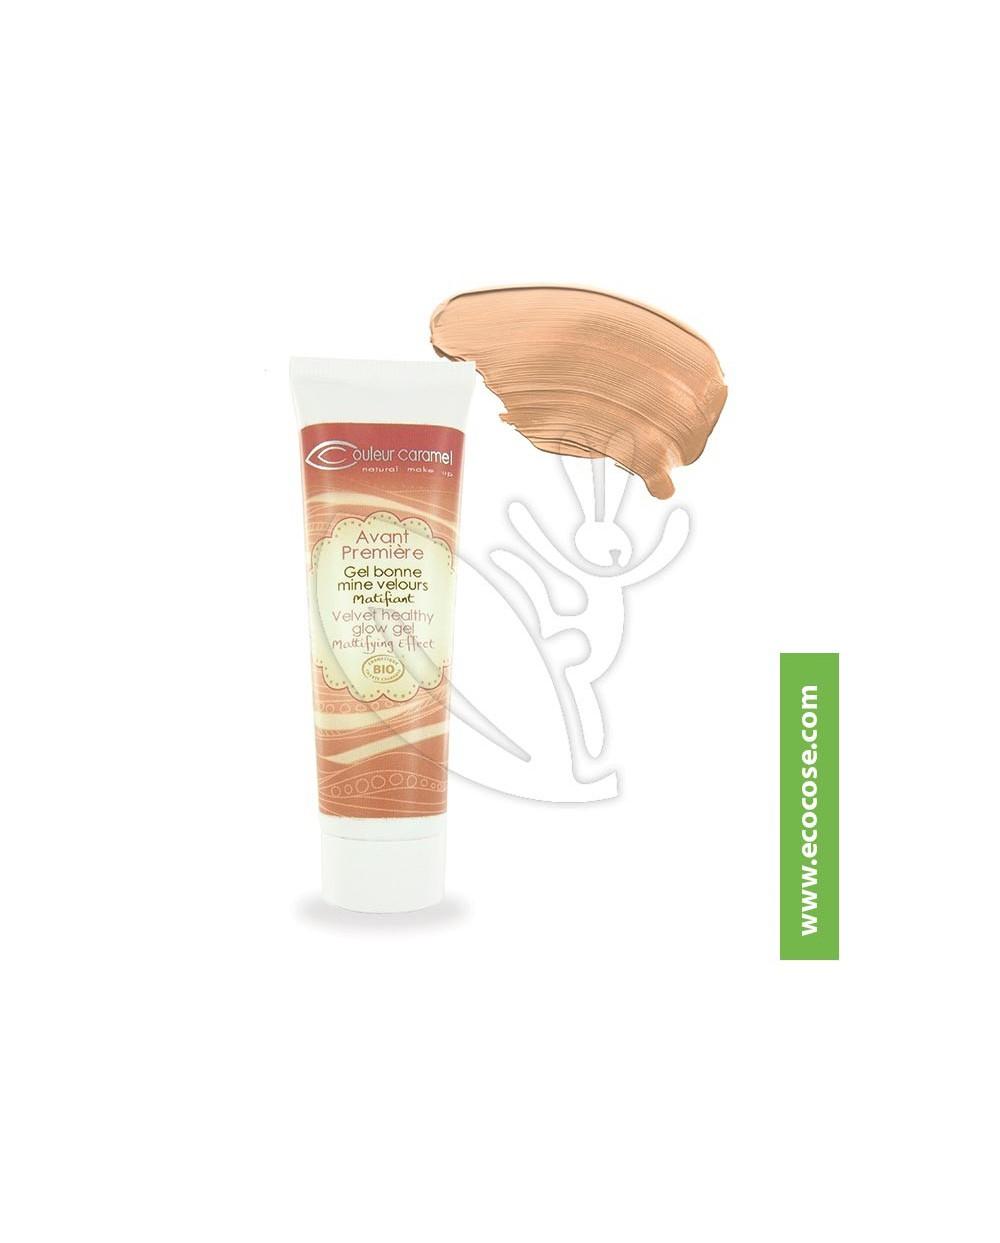 Couleur Caramel - Avant première Gel Bonne Mine Velours - Sable Chaud 61